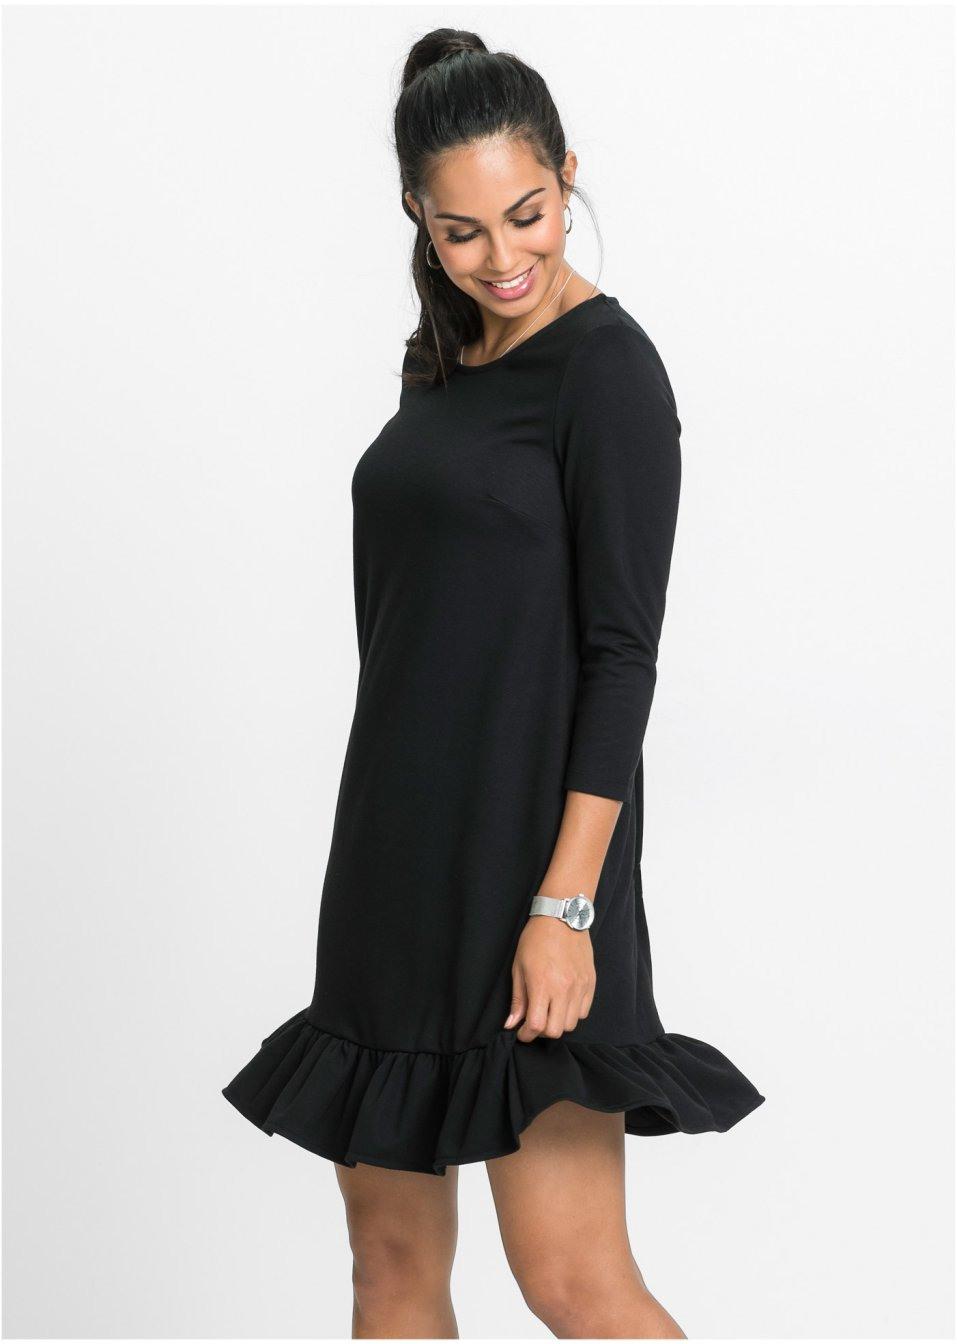 Kleid Mit Volant Schwarz  Bodyflirt Online Bestellen